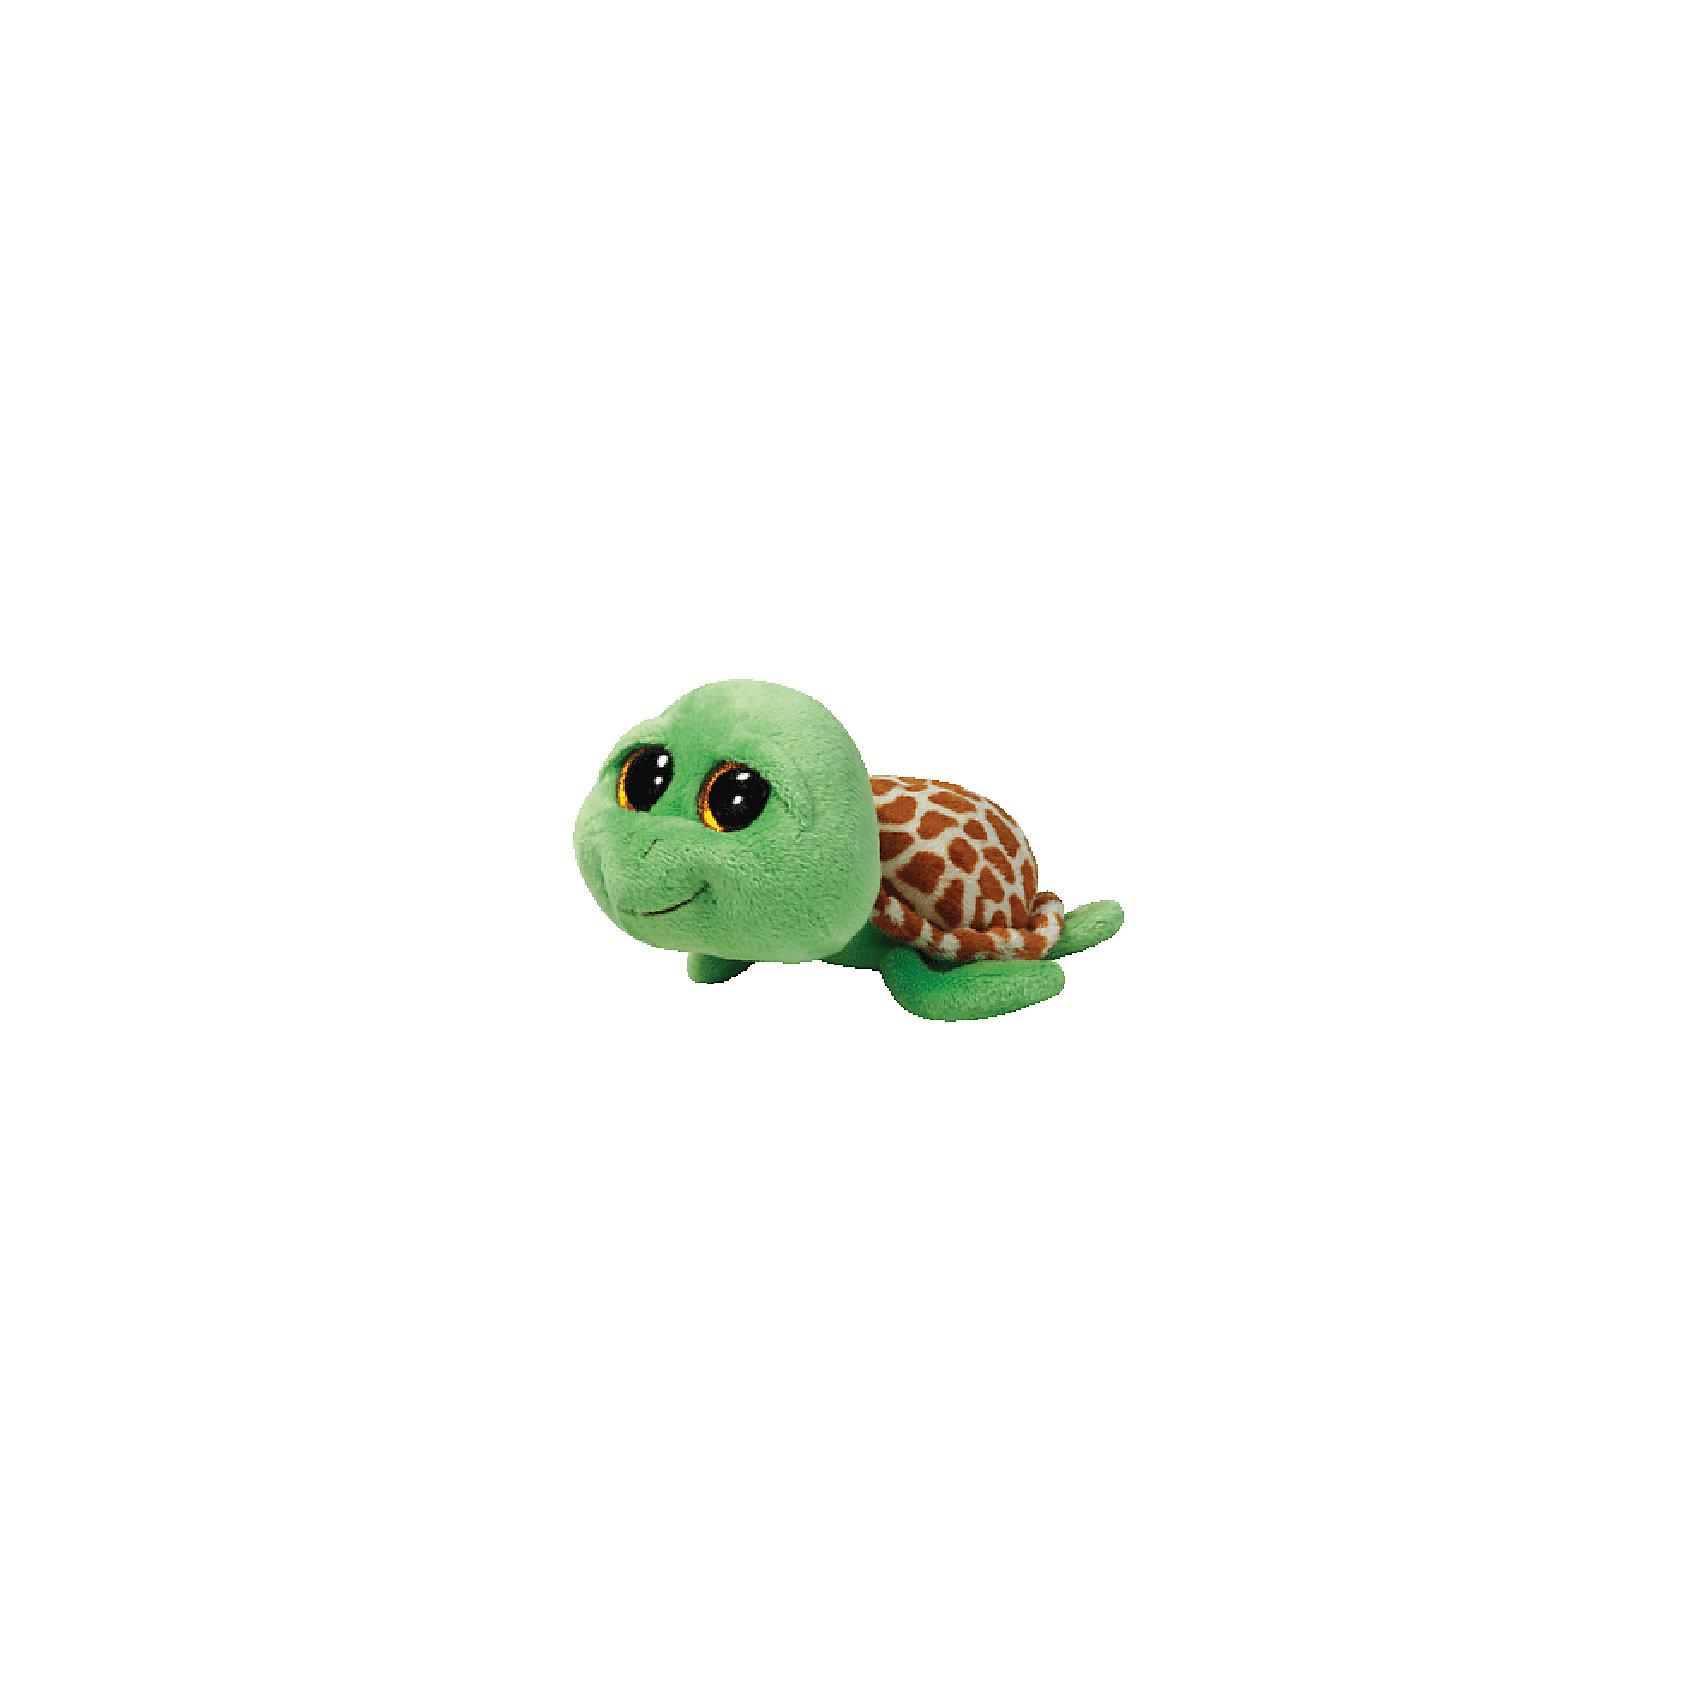 Черепашка Zippy (зеленая), 15,24 смЗамечательная Черепашка Zippy от Ту станет самым лучшим другом Вашему малышу. Она станет любимой игрушкой, с которой можно весело играть днем и уютно засыпать ночью. Игрушечная черепашка составит приятную компанию малышу на прогулке. Особенность игрушки в том, что она понравится как мальчикам, так и девочкам. Замечательная Черепашка Zippy с невероятно добрыми искренними глазками еще никого не оставляла равнодушным! У черепашки мягкая шерстка, панцирь и забавная мордочка. Ребенок может разыгрывать любые сюжеты с забавным другом, благодаря чему у него будет развиваться фантазия, воображение, а также навыки сюжетно-ролевой игры. Заботясь о маленьком друге малыш научится бережному отношению к своим вещам, игрушкам и животным. Рассказав ребенку о черепашках и их повадках, Вы расширите представления малыша об окружающем мире!<br><br>Дополнительная информация:<br><br>- Игрушка развивает: тактильные навыки, зрительную координацию, мелкую моторику рук;<br>- Материалы не вызовут аллергии у Вашего малыша;<br>- Яркие и стойкие цвета приятны для глаз;<br>- Материал: ткань, пластик, искусственный мех;<br>- Наполнение: синтепон;<br>- Цвет: зеленый;<br>- Высота игрушки: 15,24 см<br><br>Черепашку Zippy, Ty, можно купить в нашем интернет-магазине.<br><br>Ширина мм: 176<br>Глубина мм: 93<br>Высота мм: 78<br>Вес г: 78<br>Возраст от месяцев: 12<br>Возраст до месяцев: 60<br>Пол: Унисекс<br>Возраст: Детский<br>SKU: 3315410